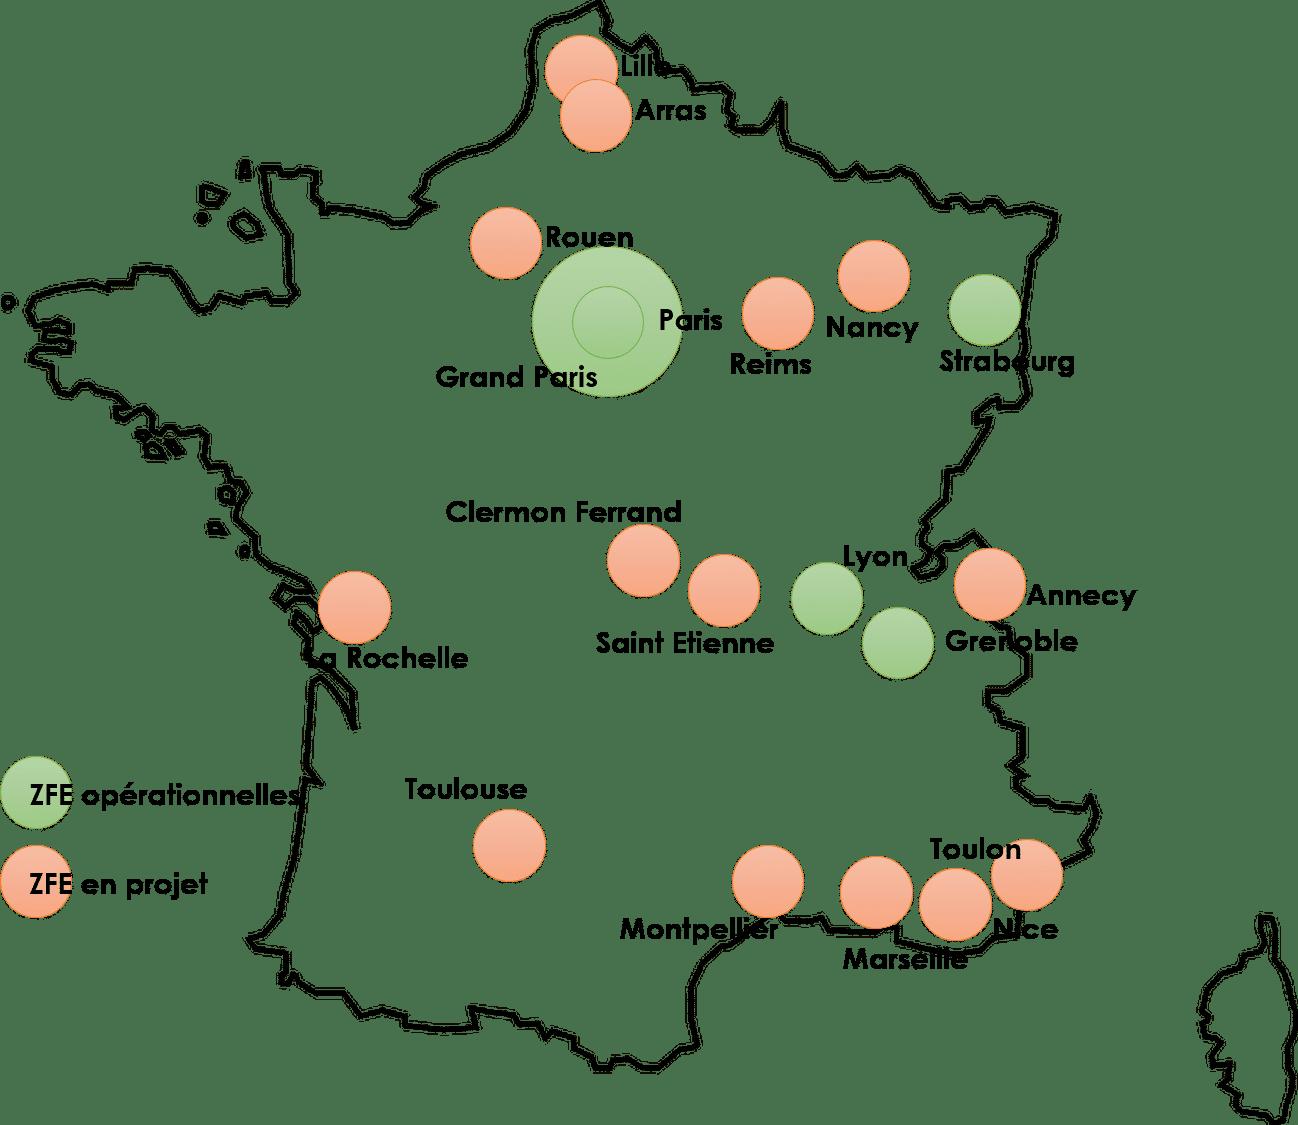 Zones à faibles emissions